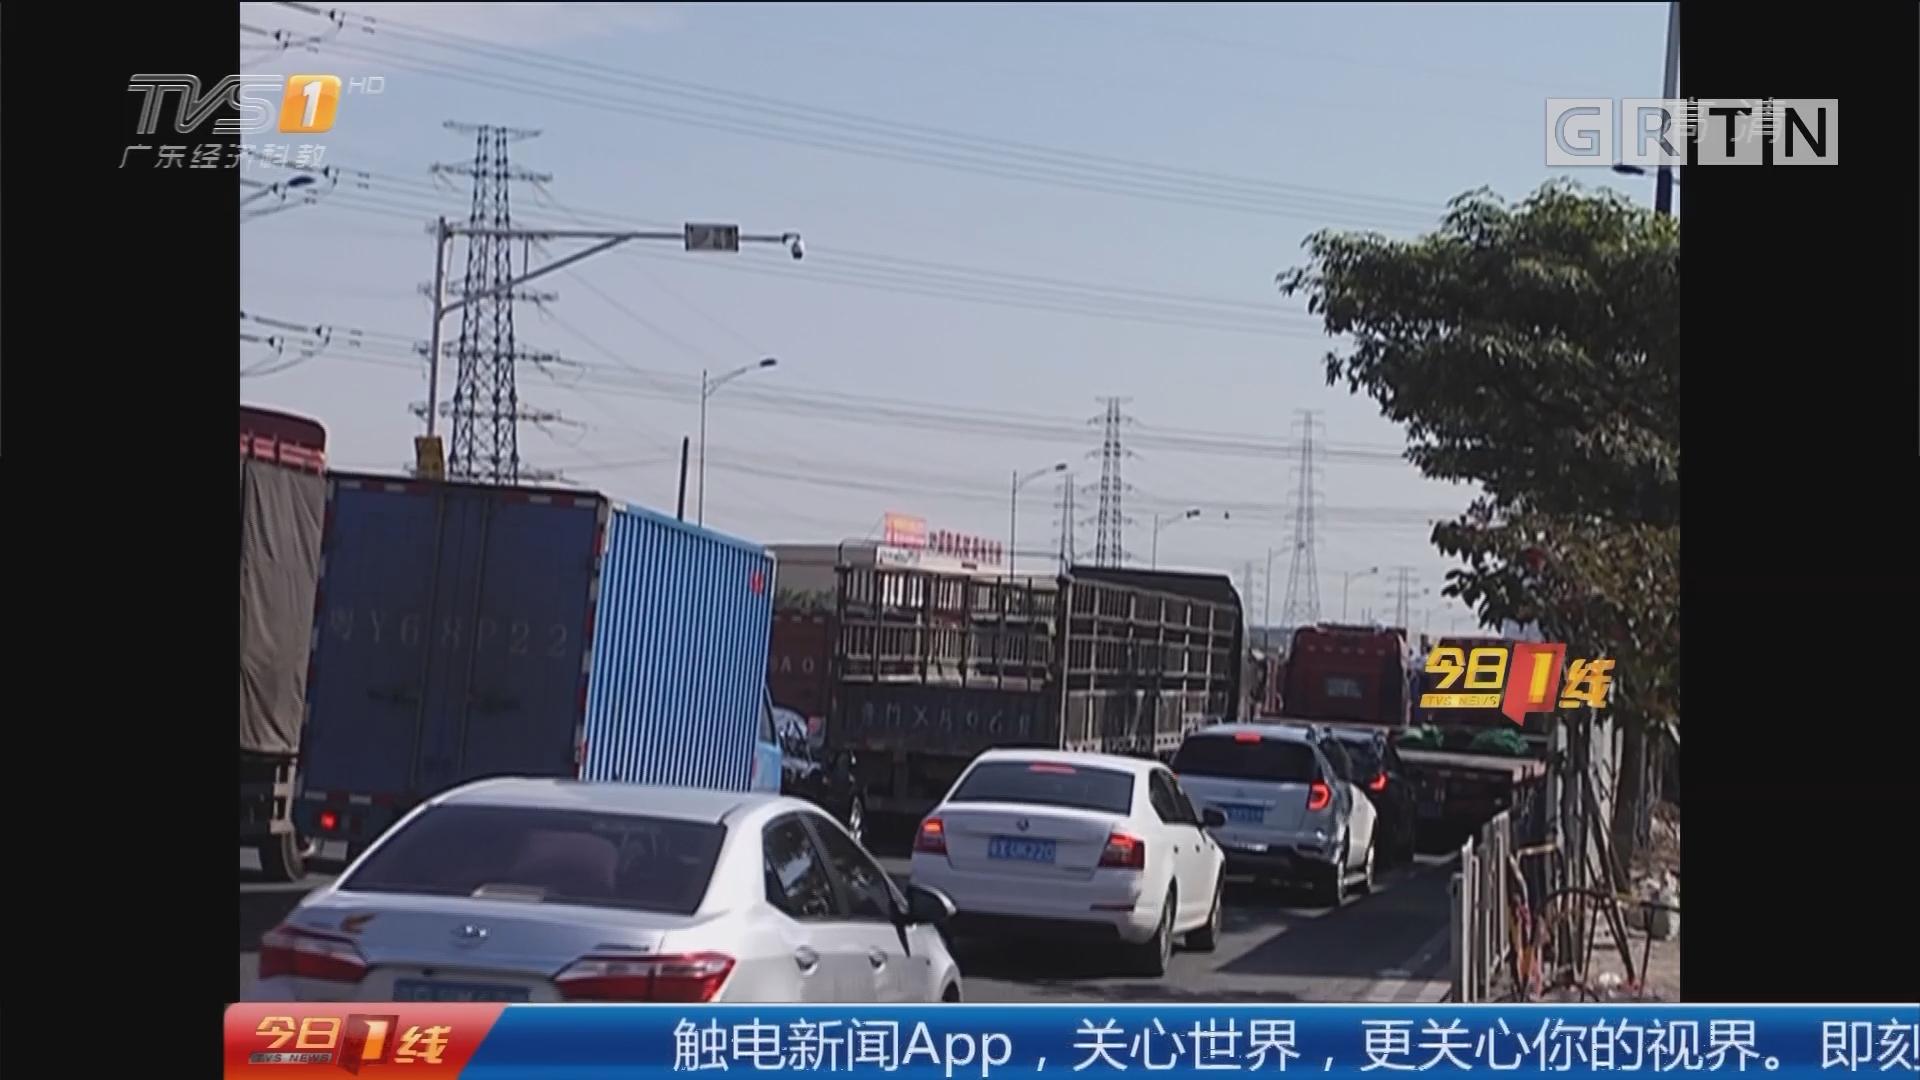 广州鸦岗大道:鸦岗大道突发地陷 严重影响交通